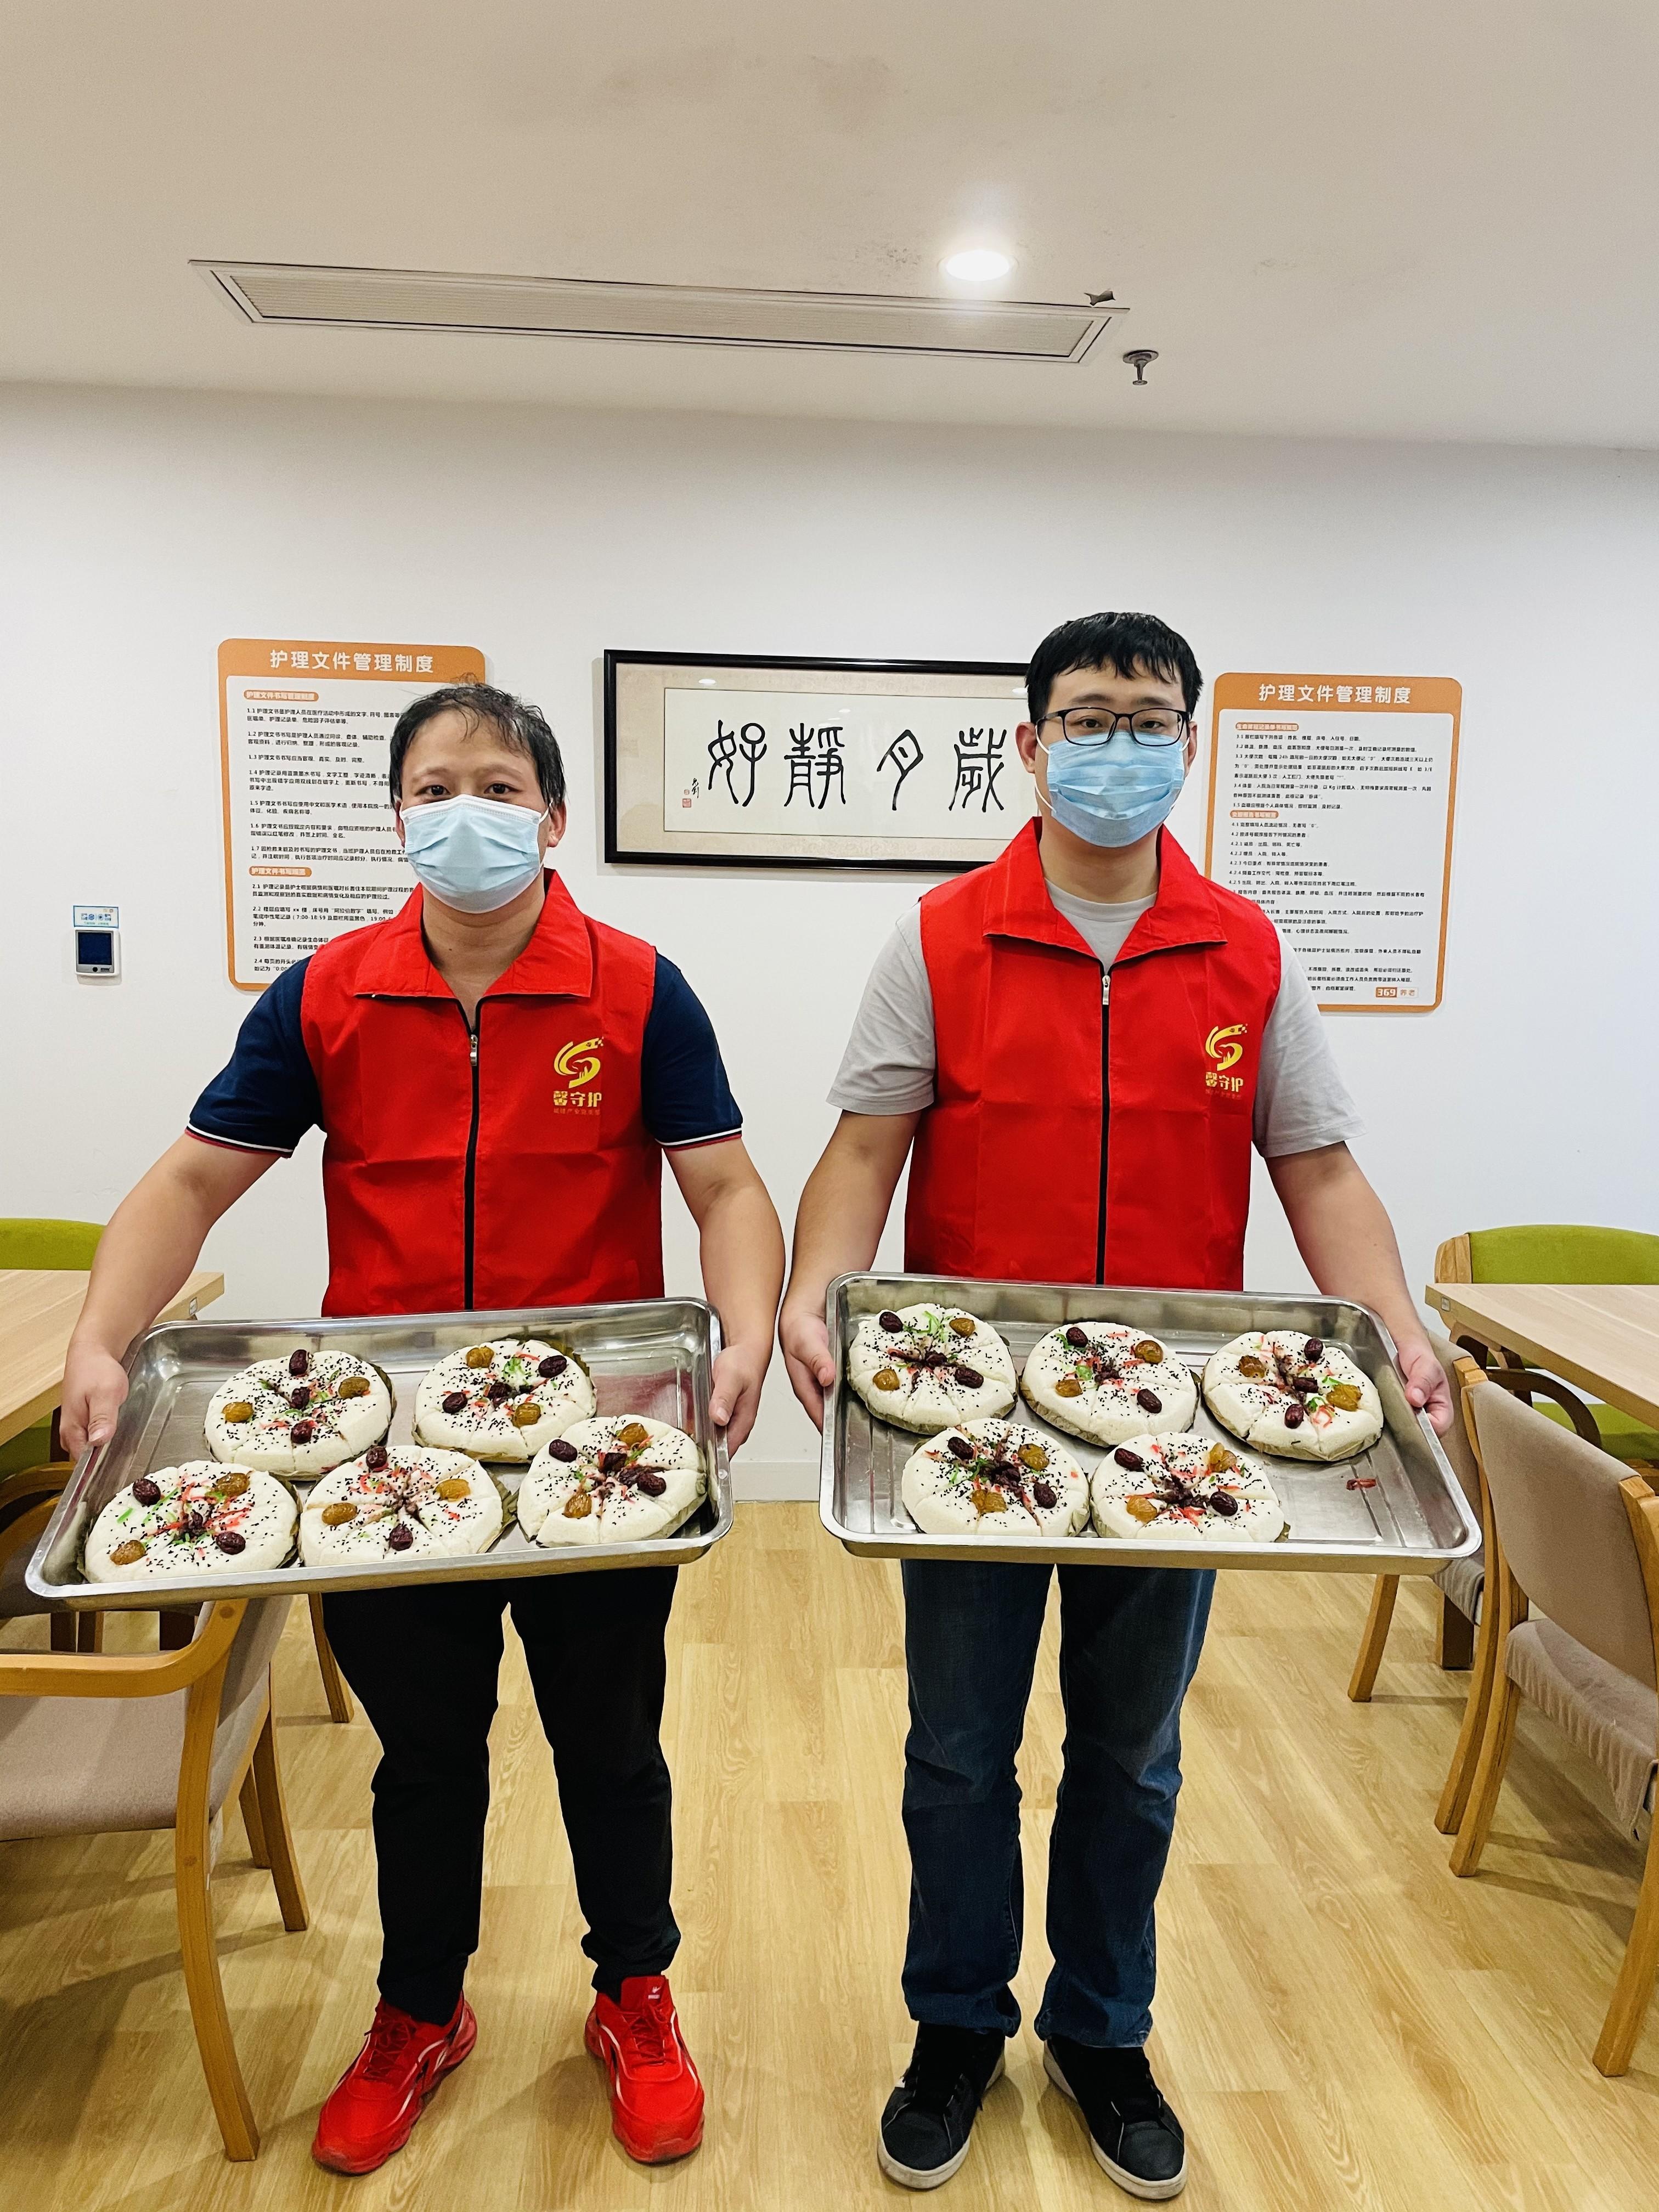 """""""關愛老人,情暖重陽"""" ——城工建設參加志愿者服務活動"""